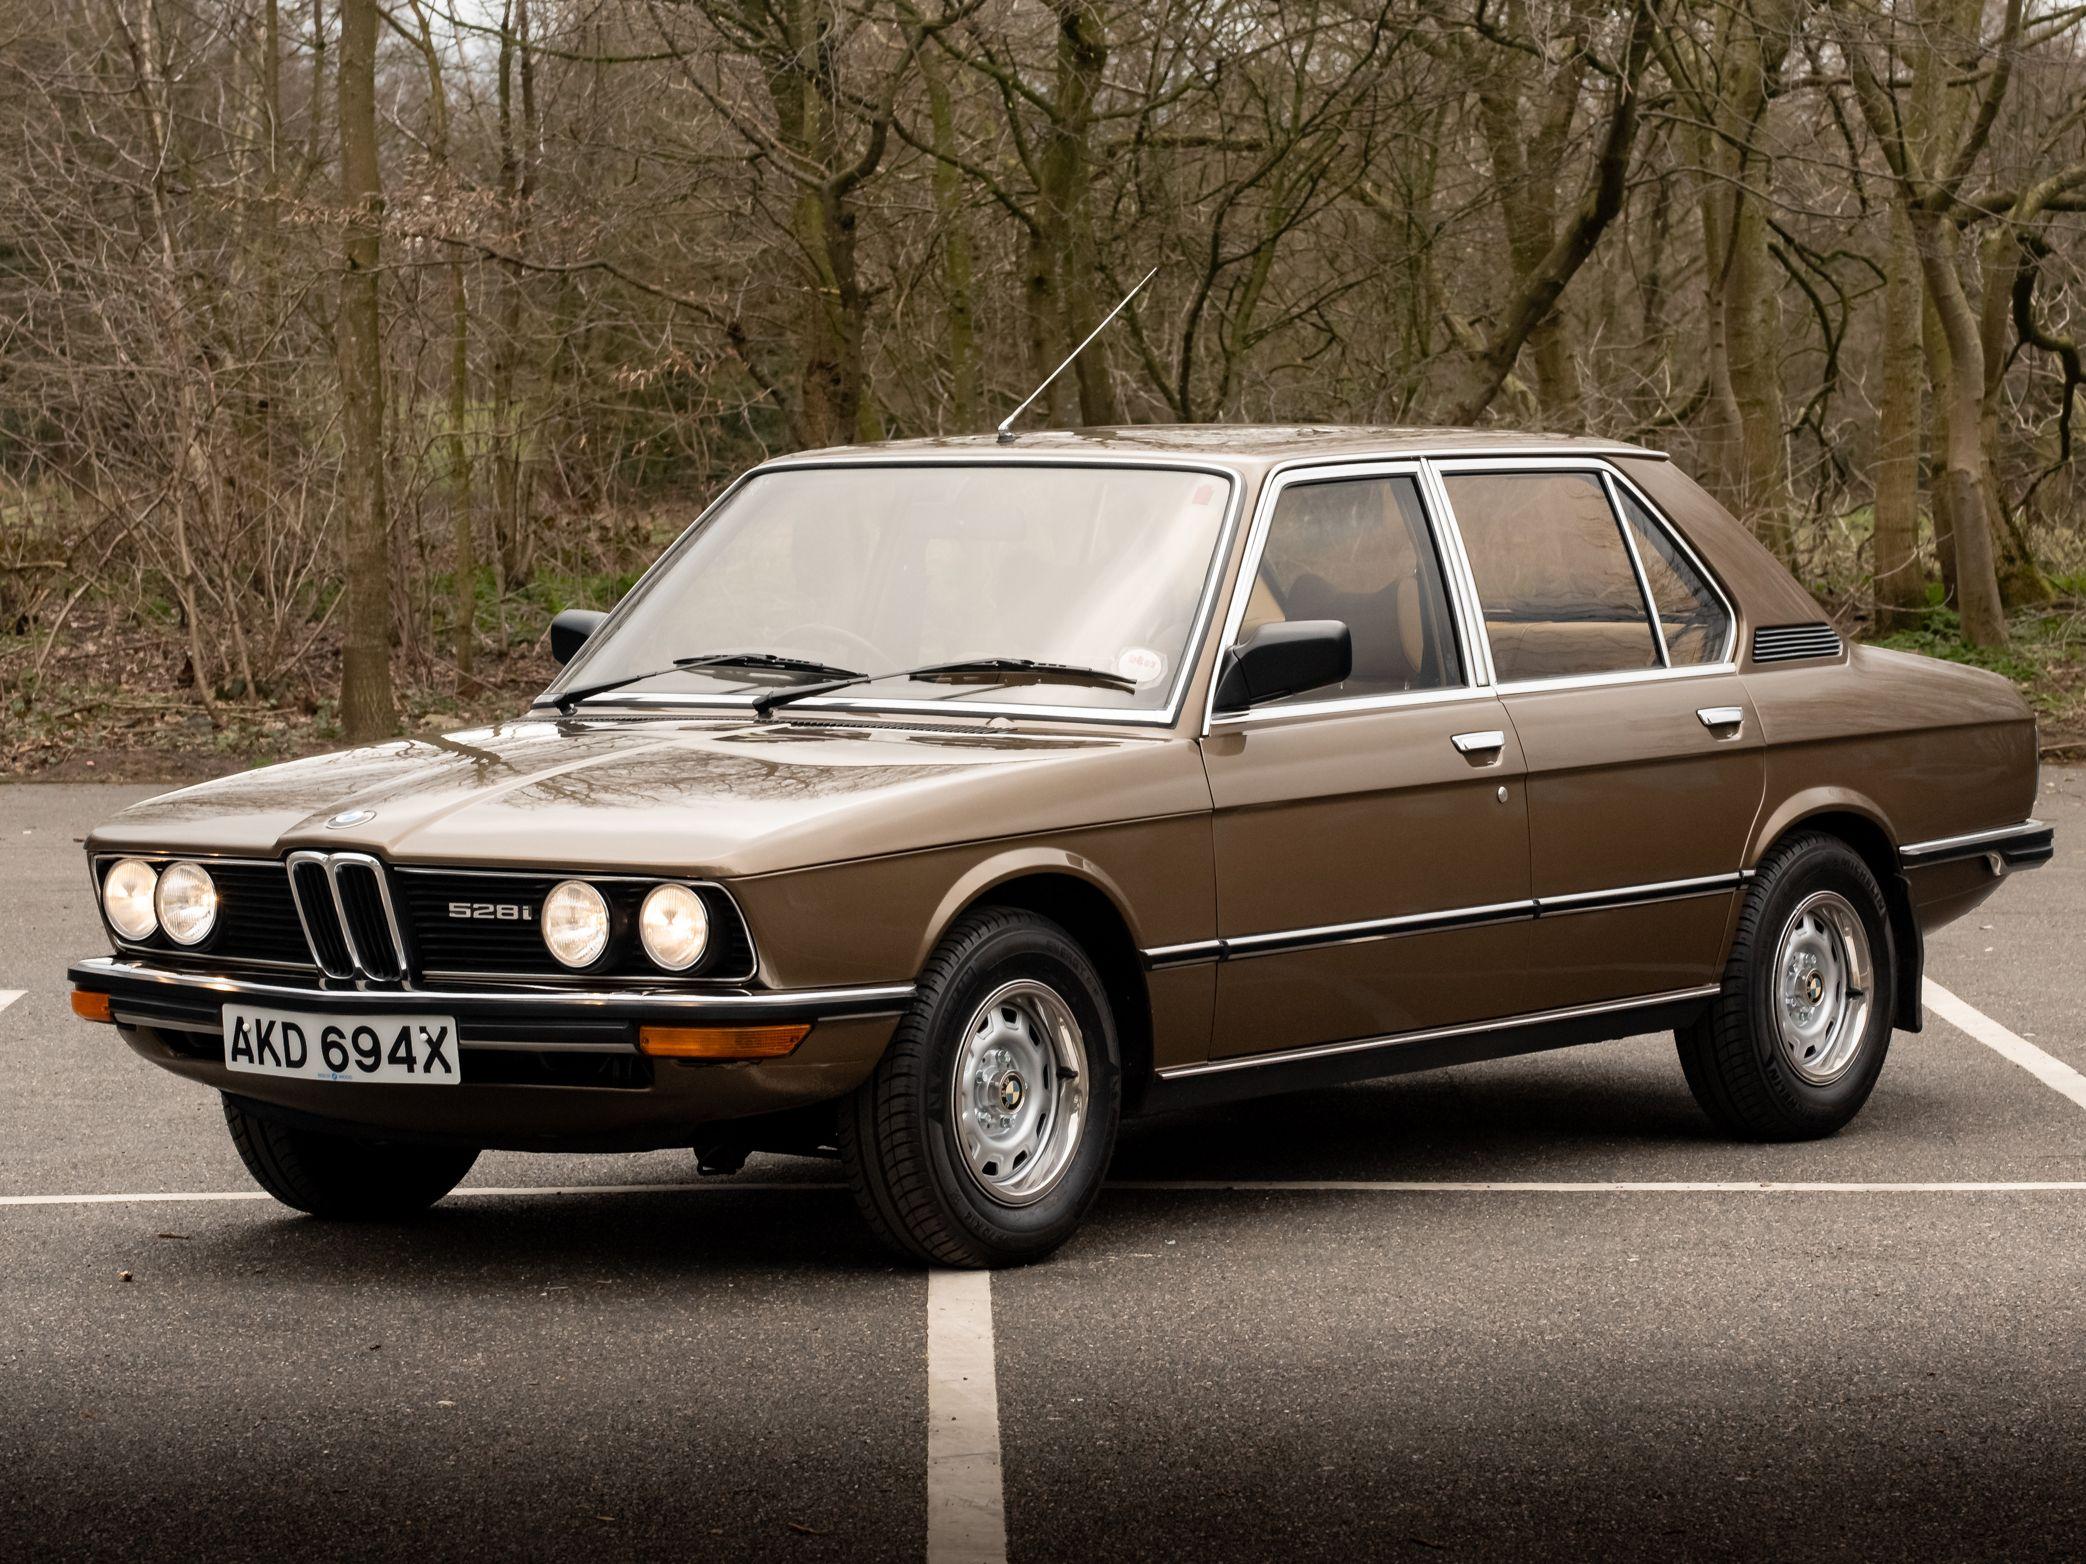 1981 BMW 528i